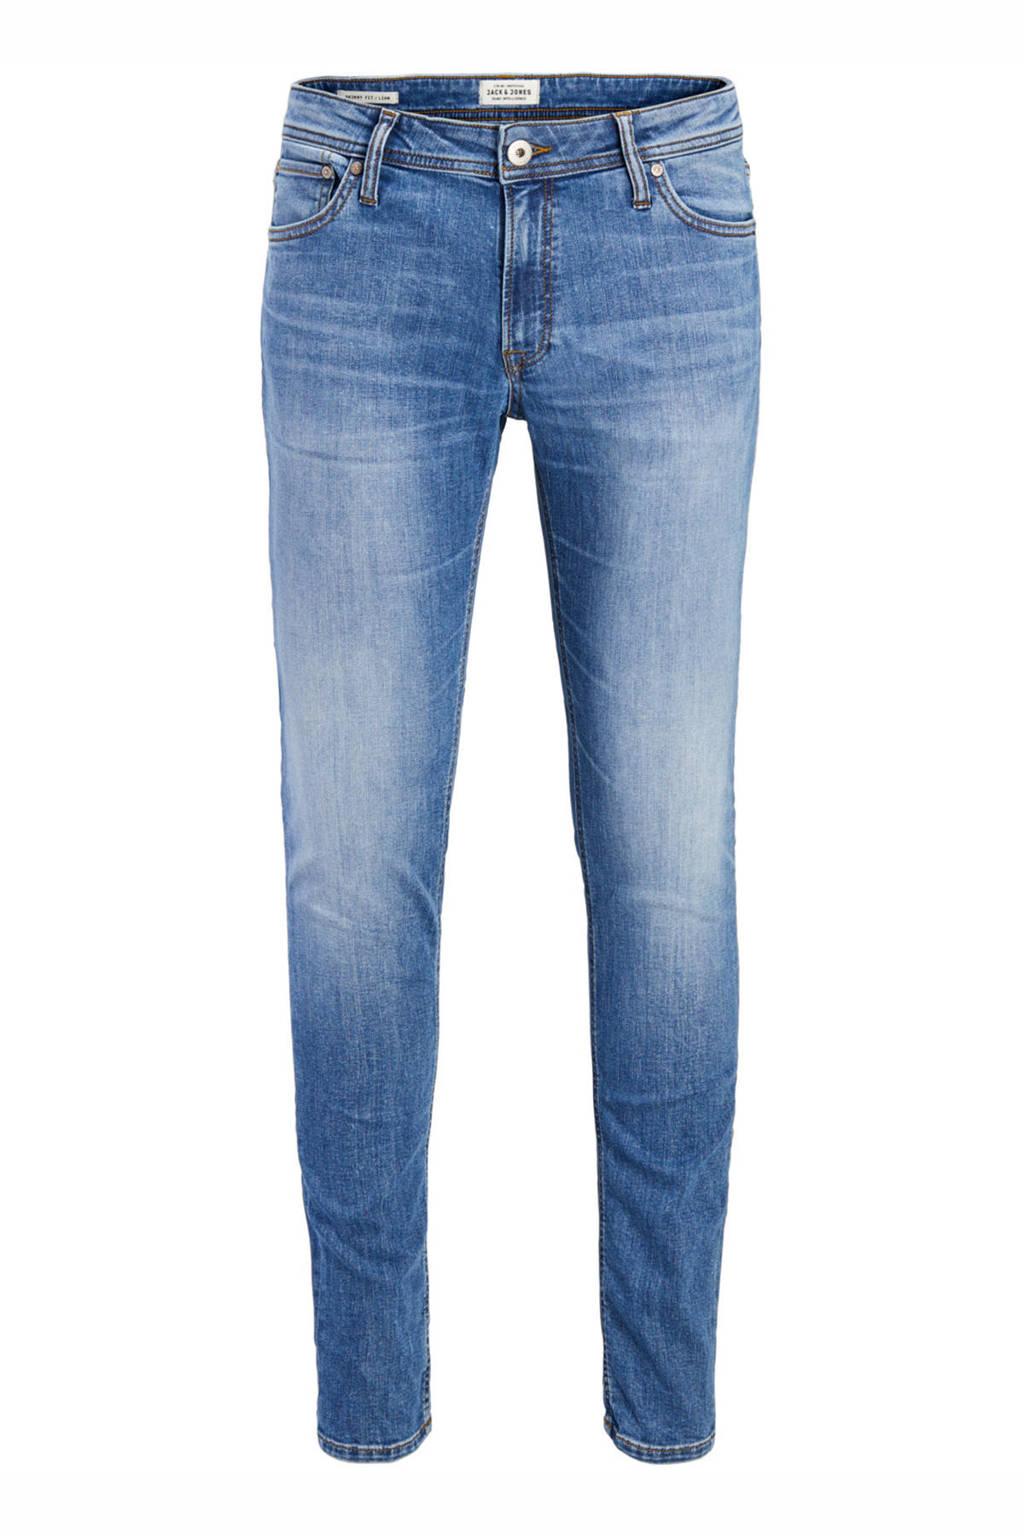 JACK & JONES JUNIOR skinny jeans Liam stonewashed, Stonewashed